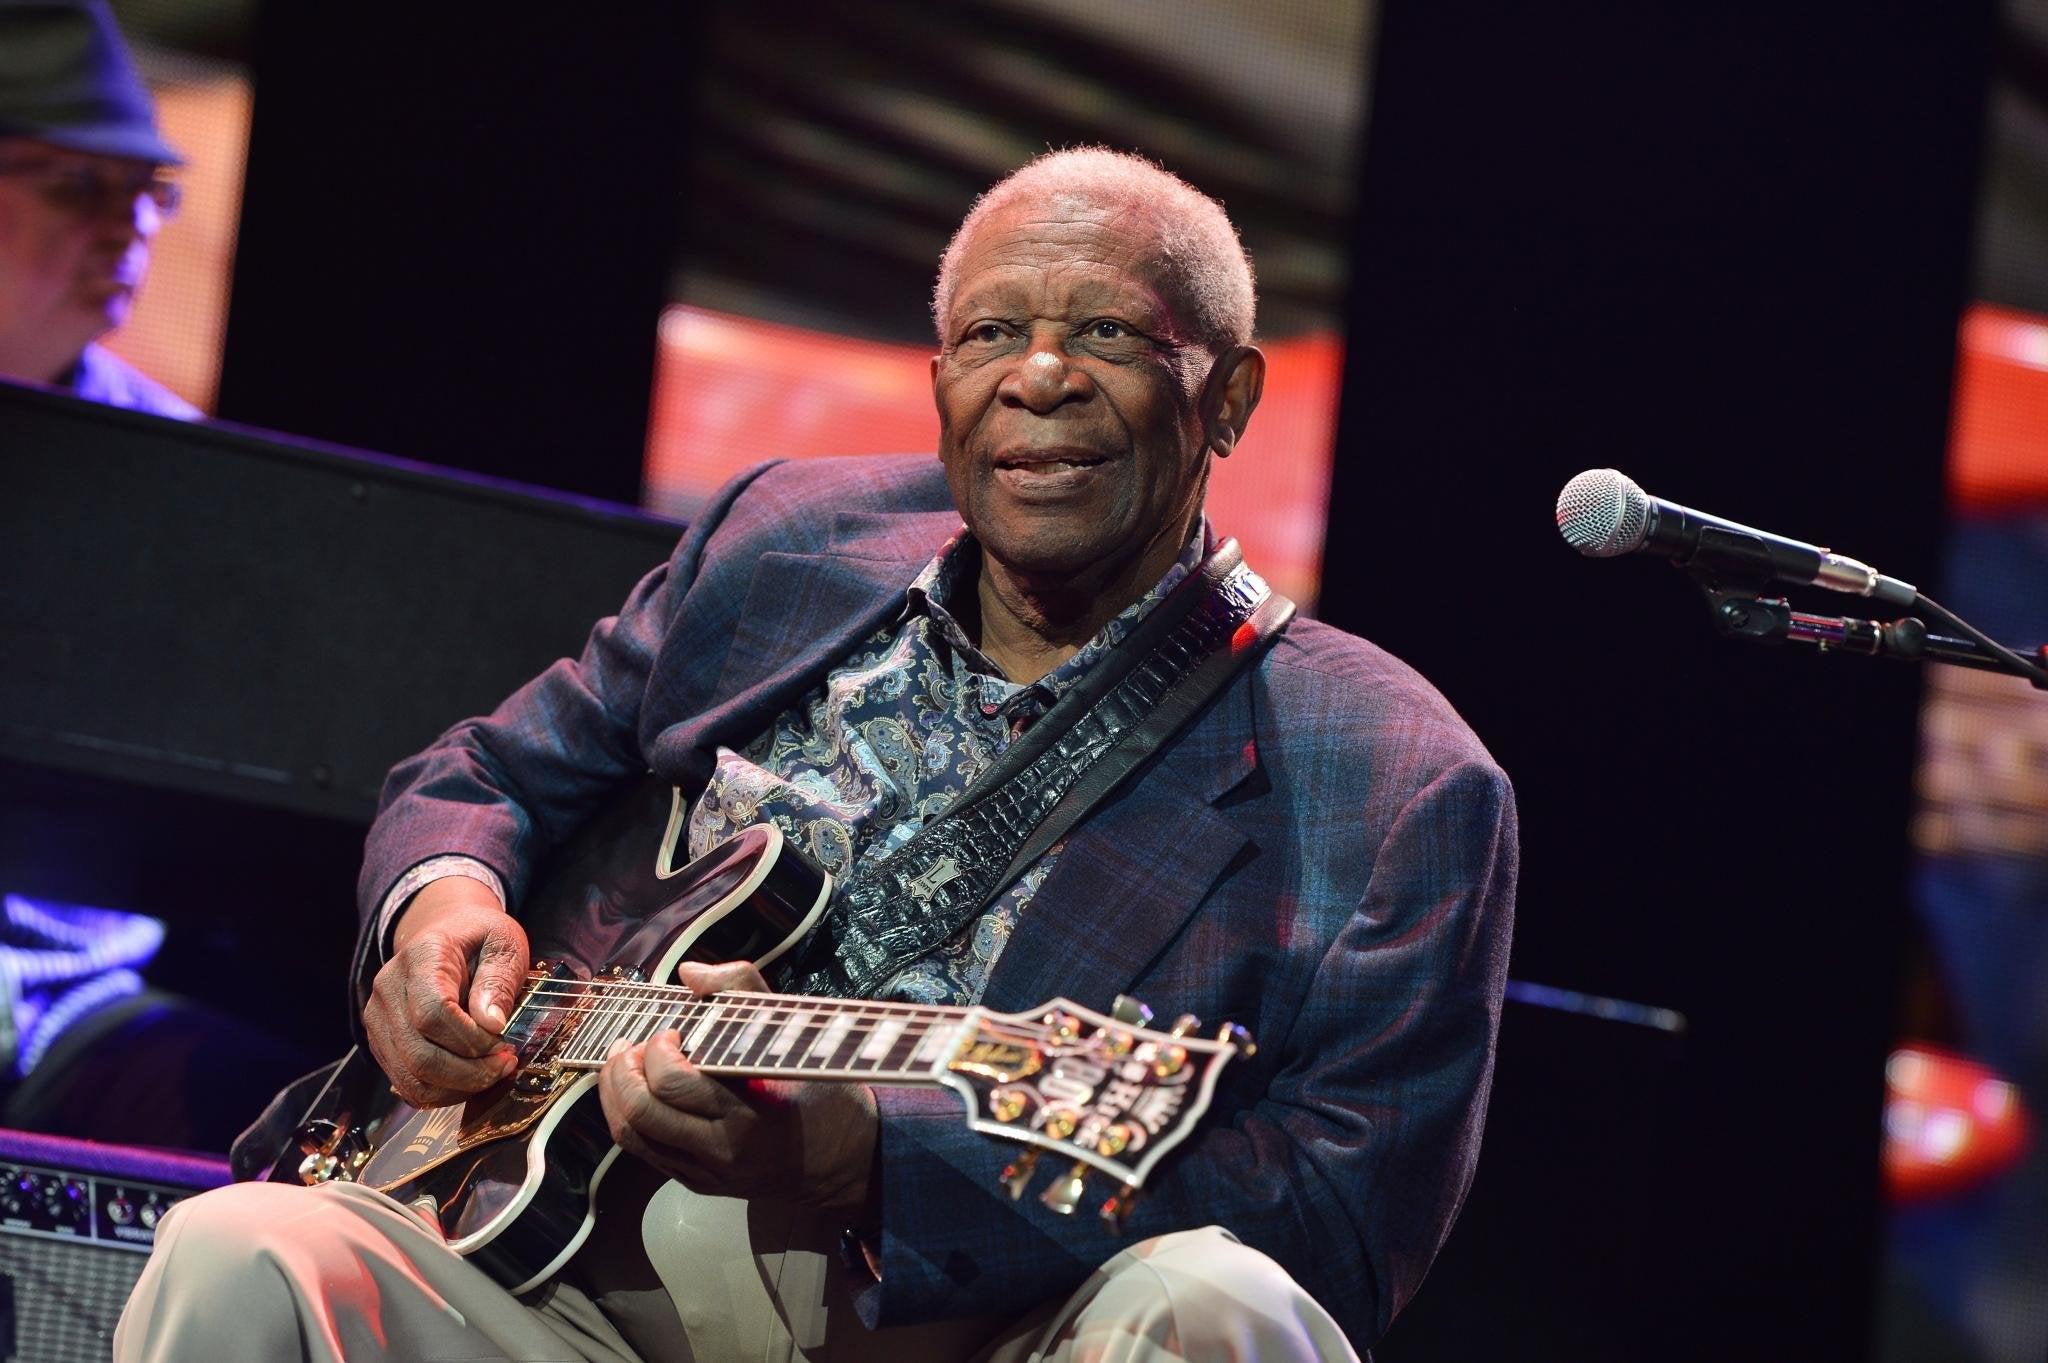 Coffee Talk: Blues Legend B.B. King Passes Away at 89